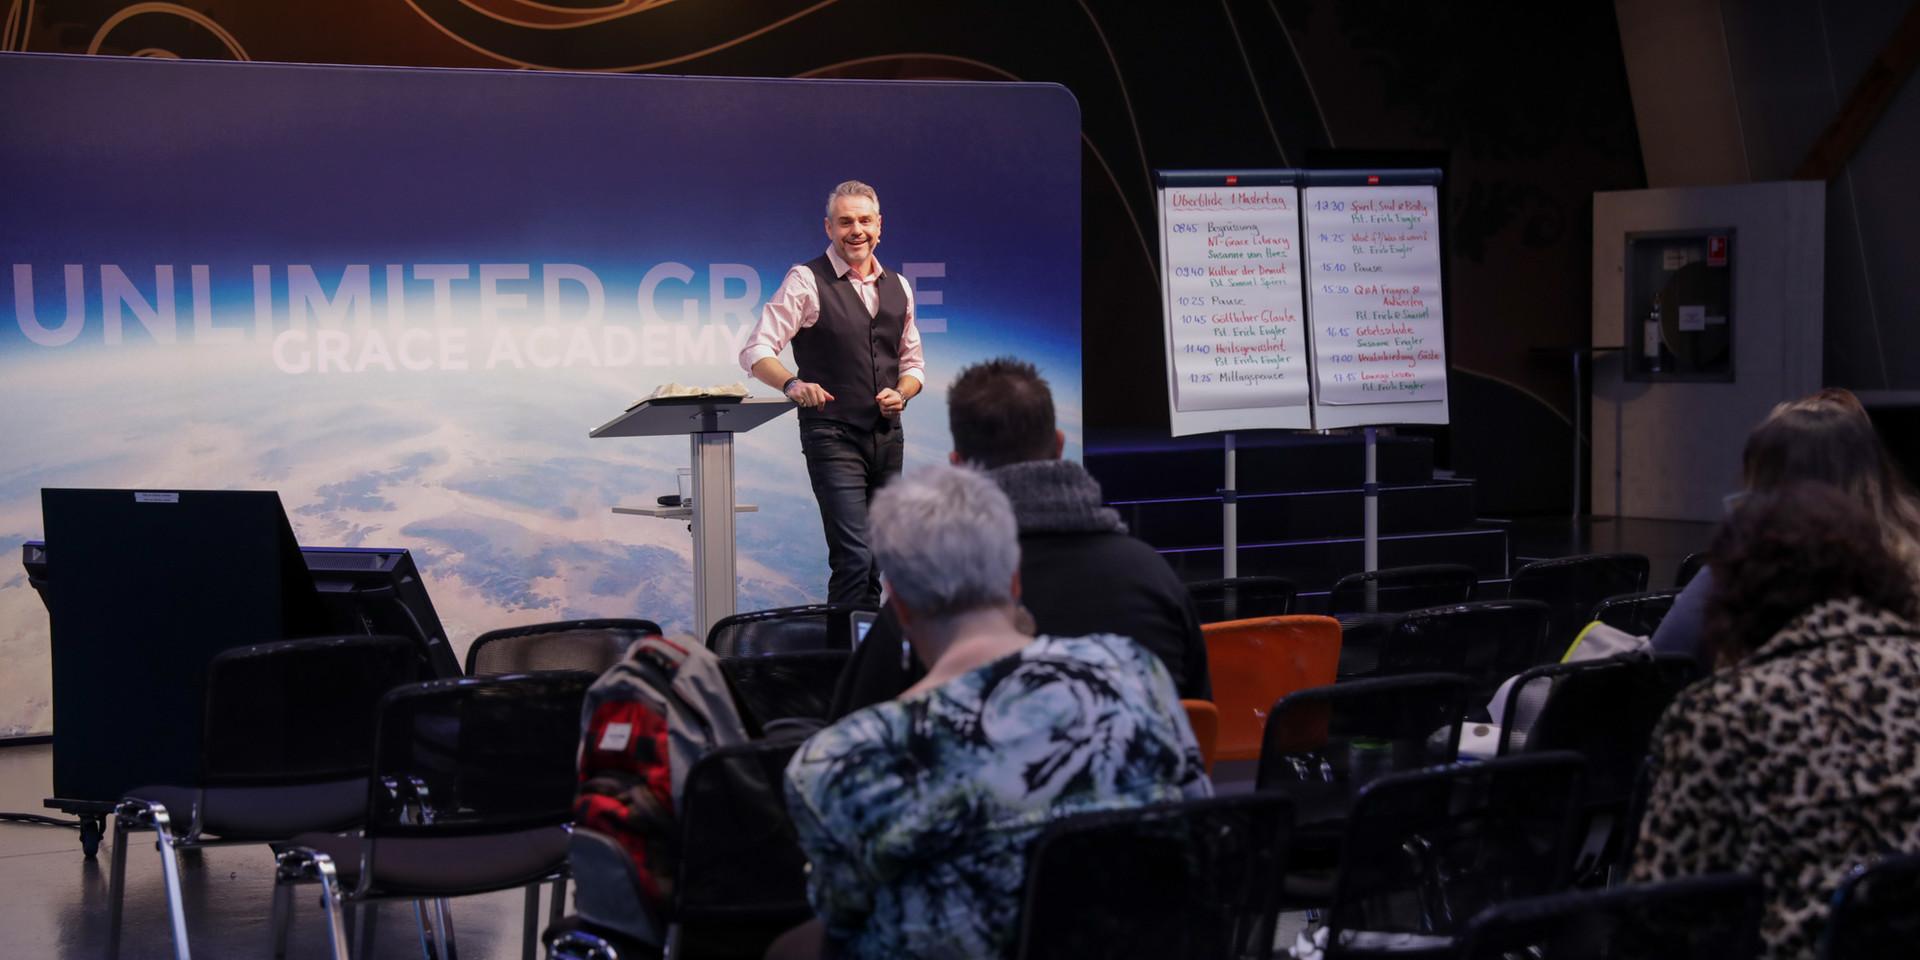 Pastor Erich Engler